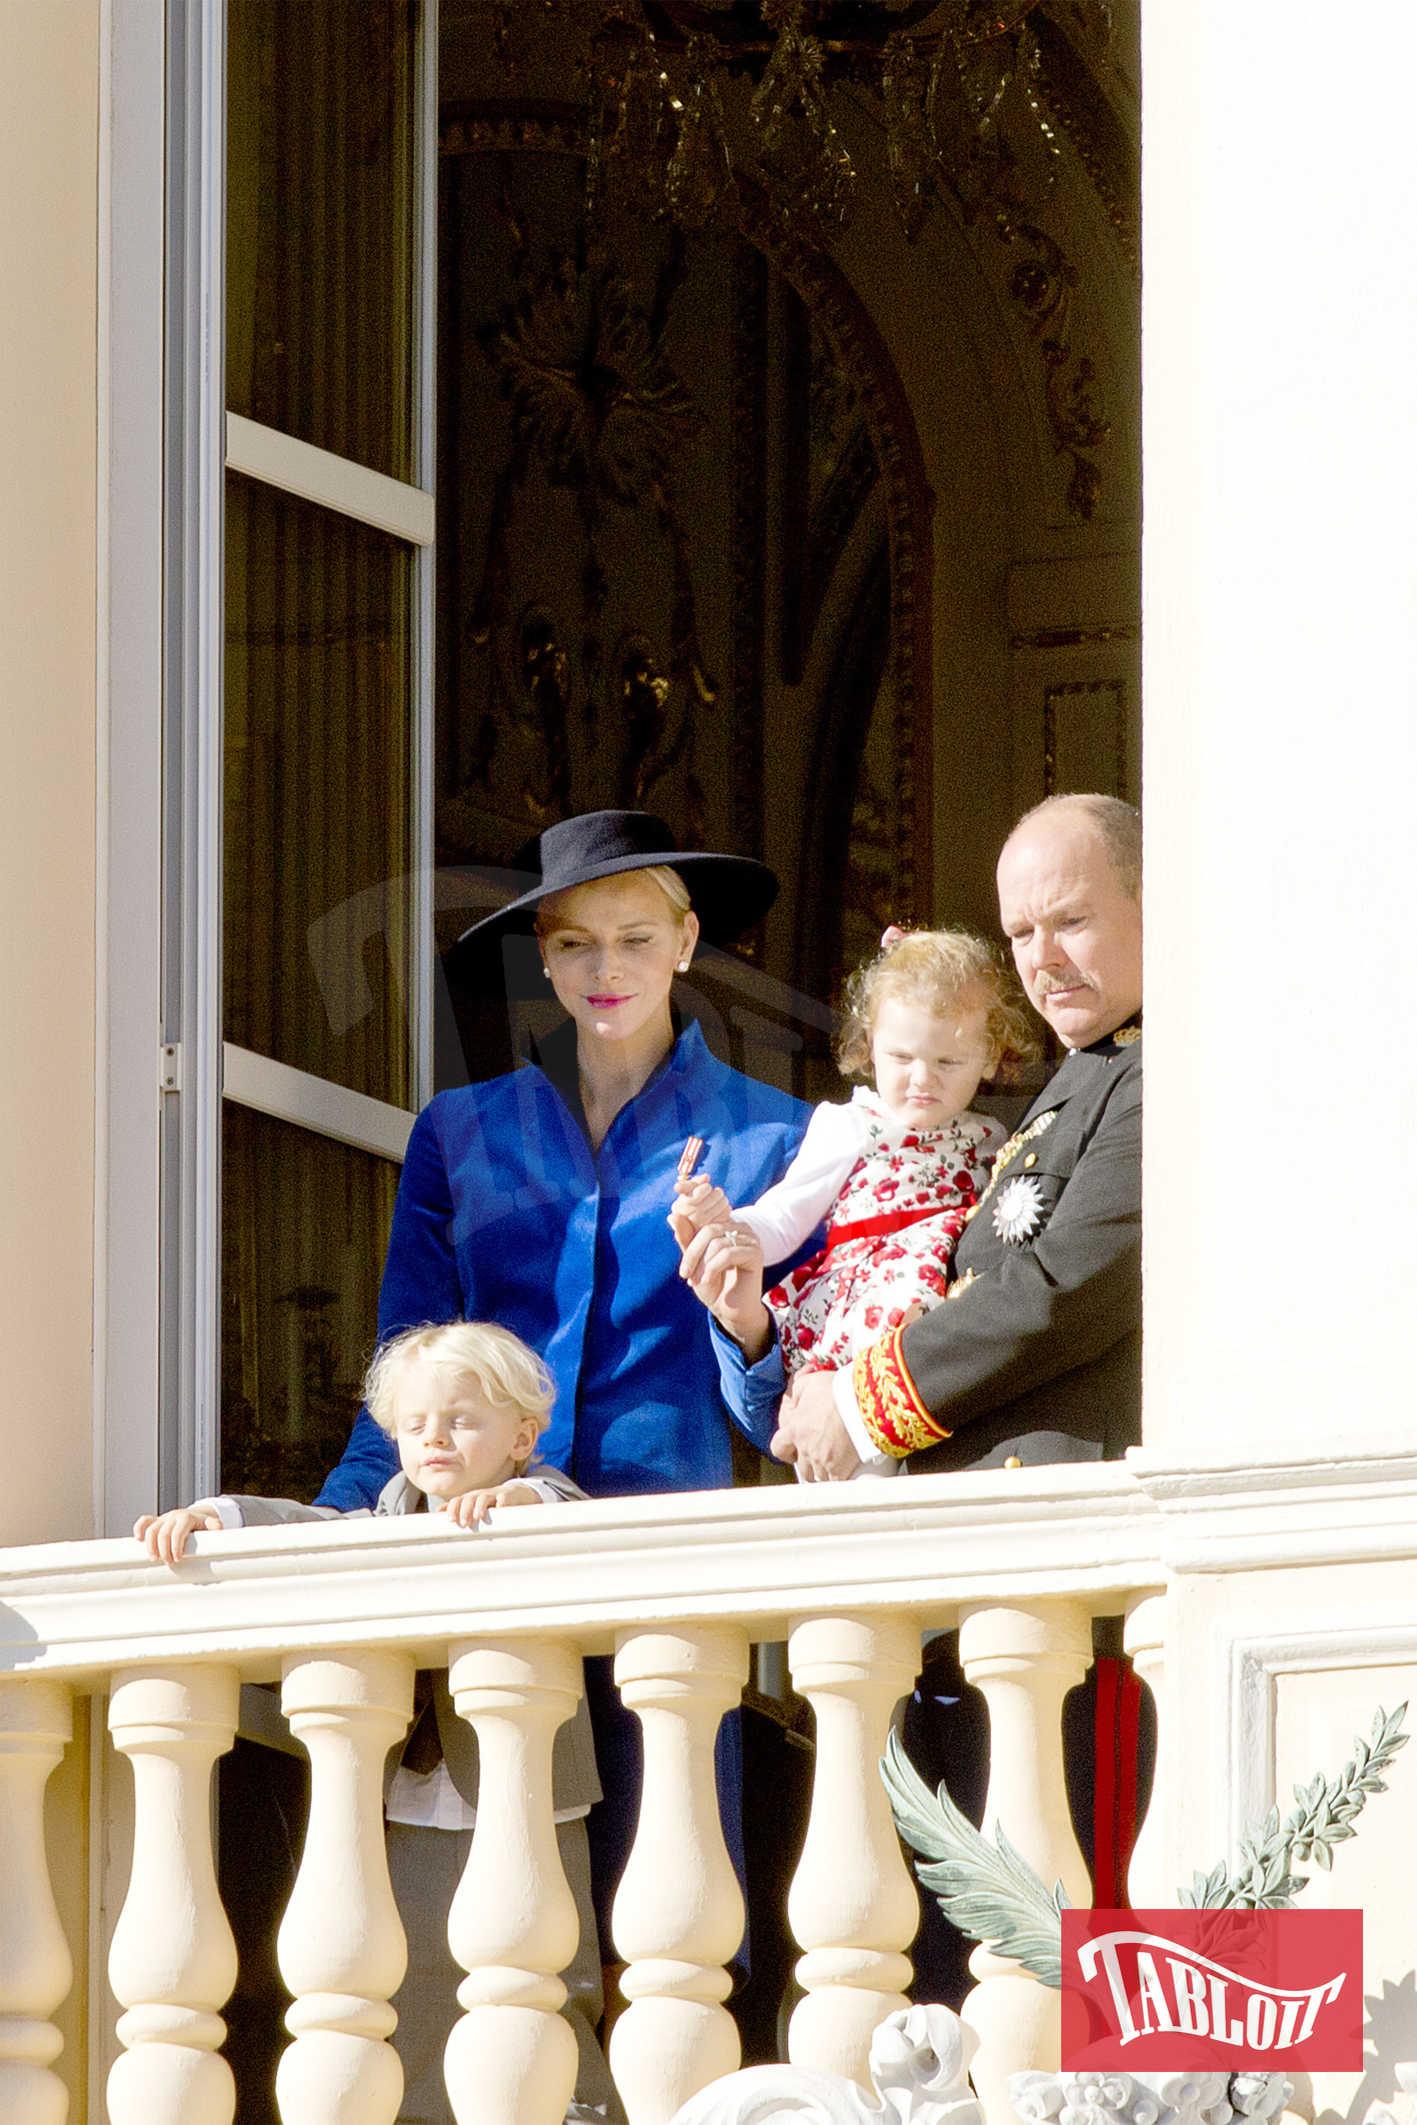 Charlene e Alberto con i figli, i gemellini Jacques e Gabriella. Il principe, come gli altri uomini della famiglia reale, ha deciso di sfoggiare dei baffetti stile D'Artagnan